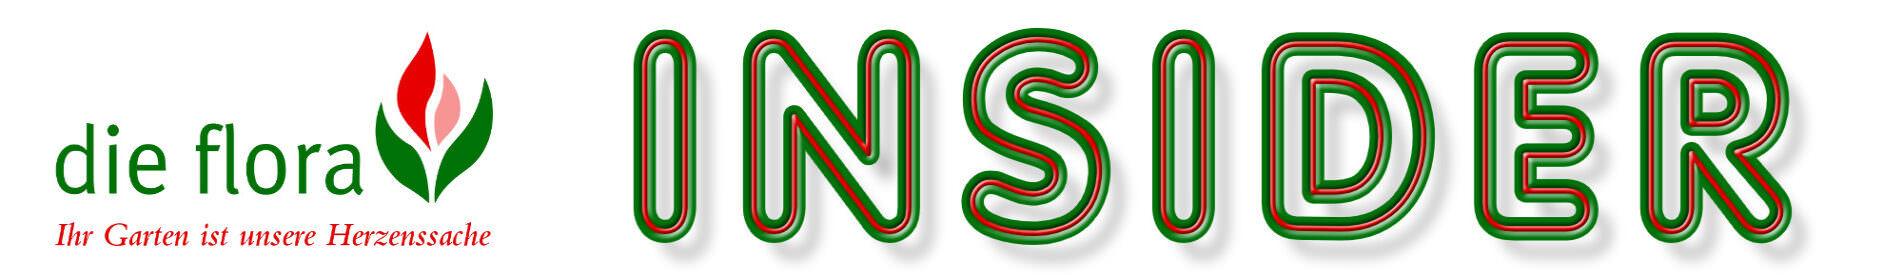 cropped-insider-3d-logo-1-1.jpg